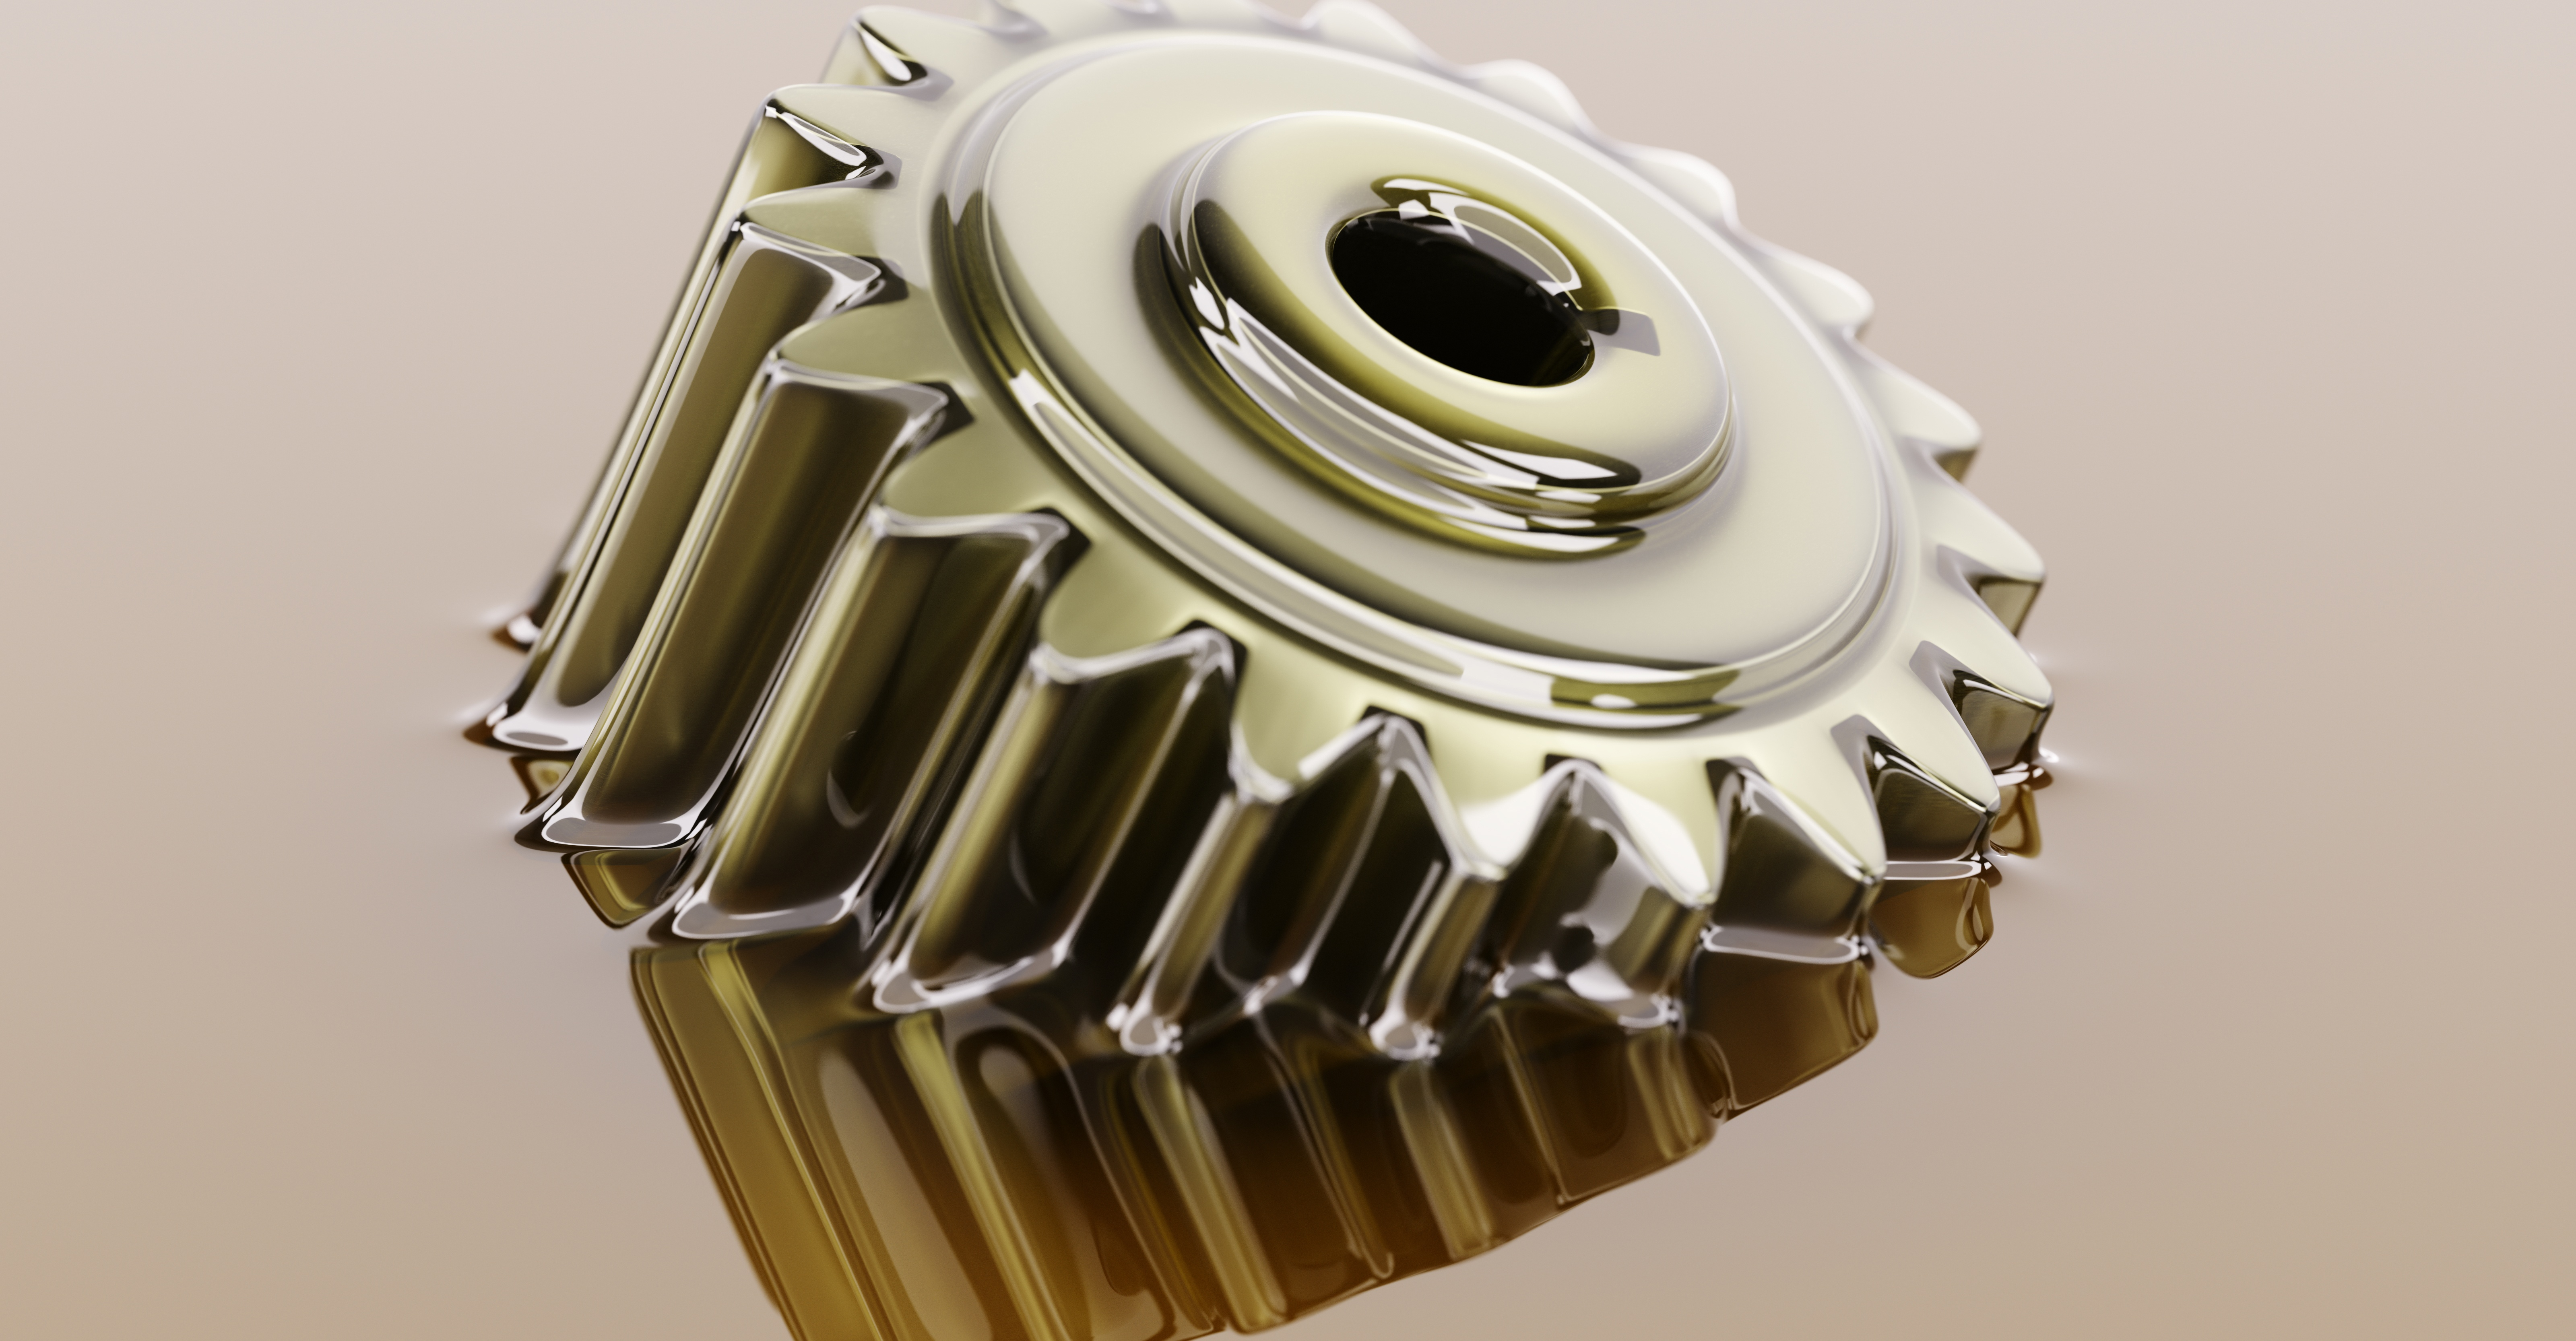 Cómo Atten2 favorece el control de lubricantes industriales